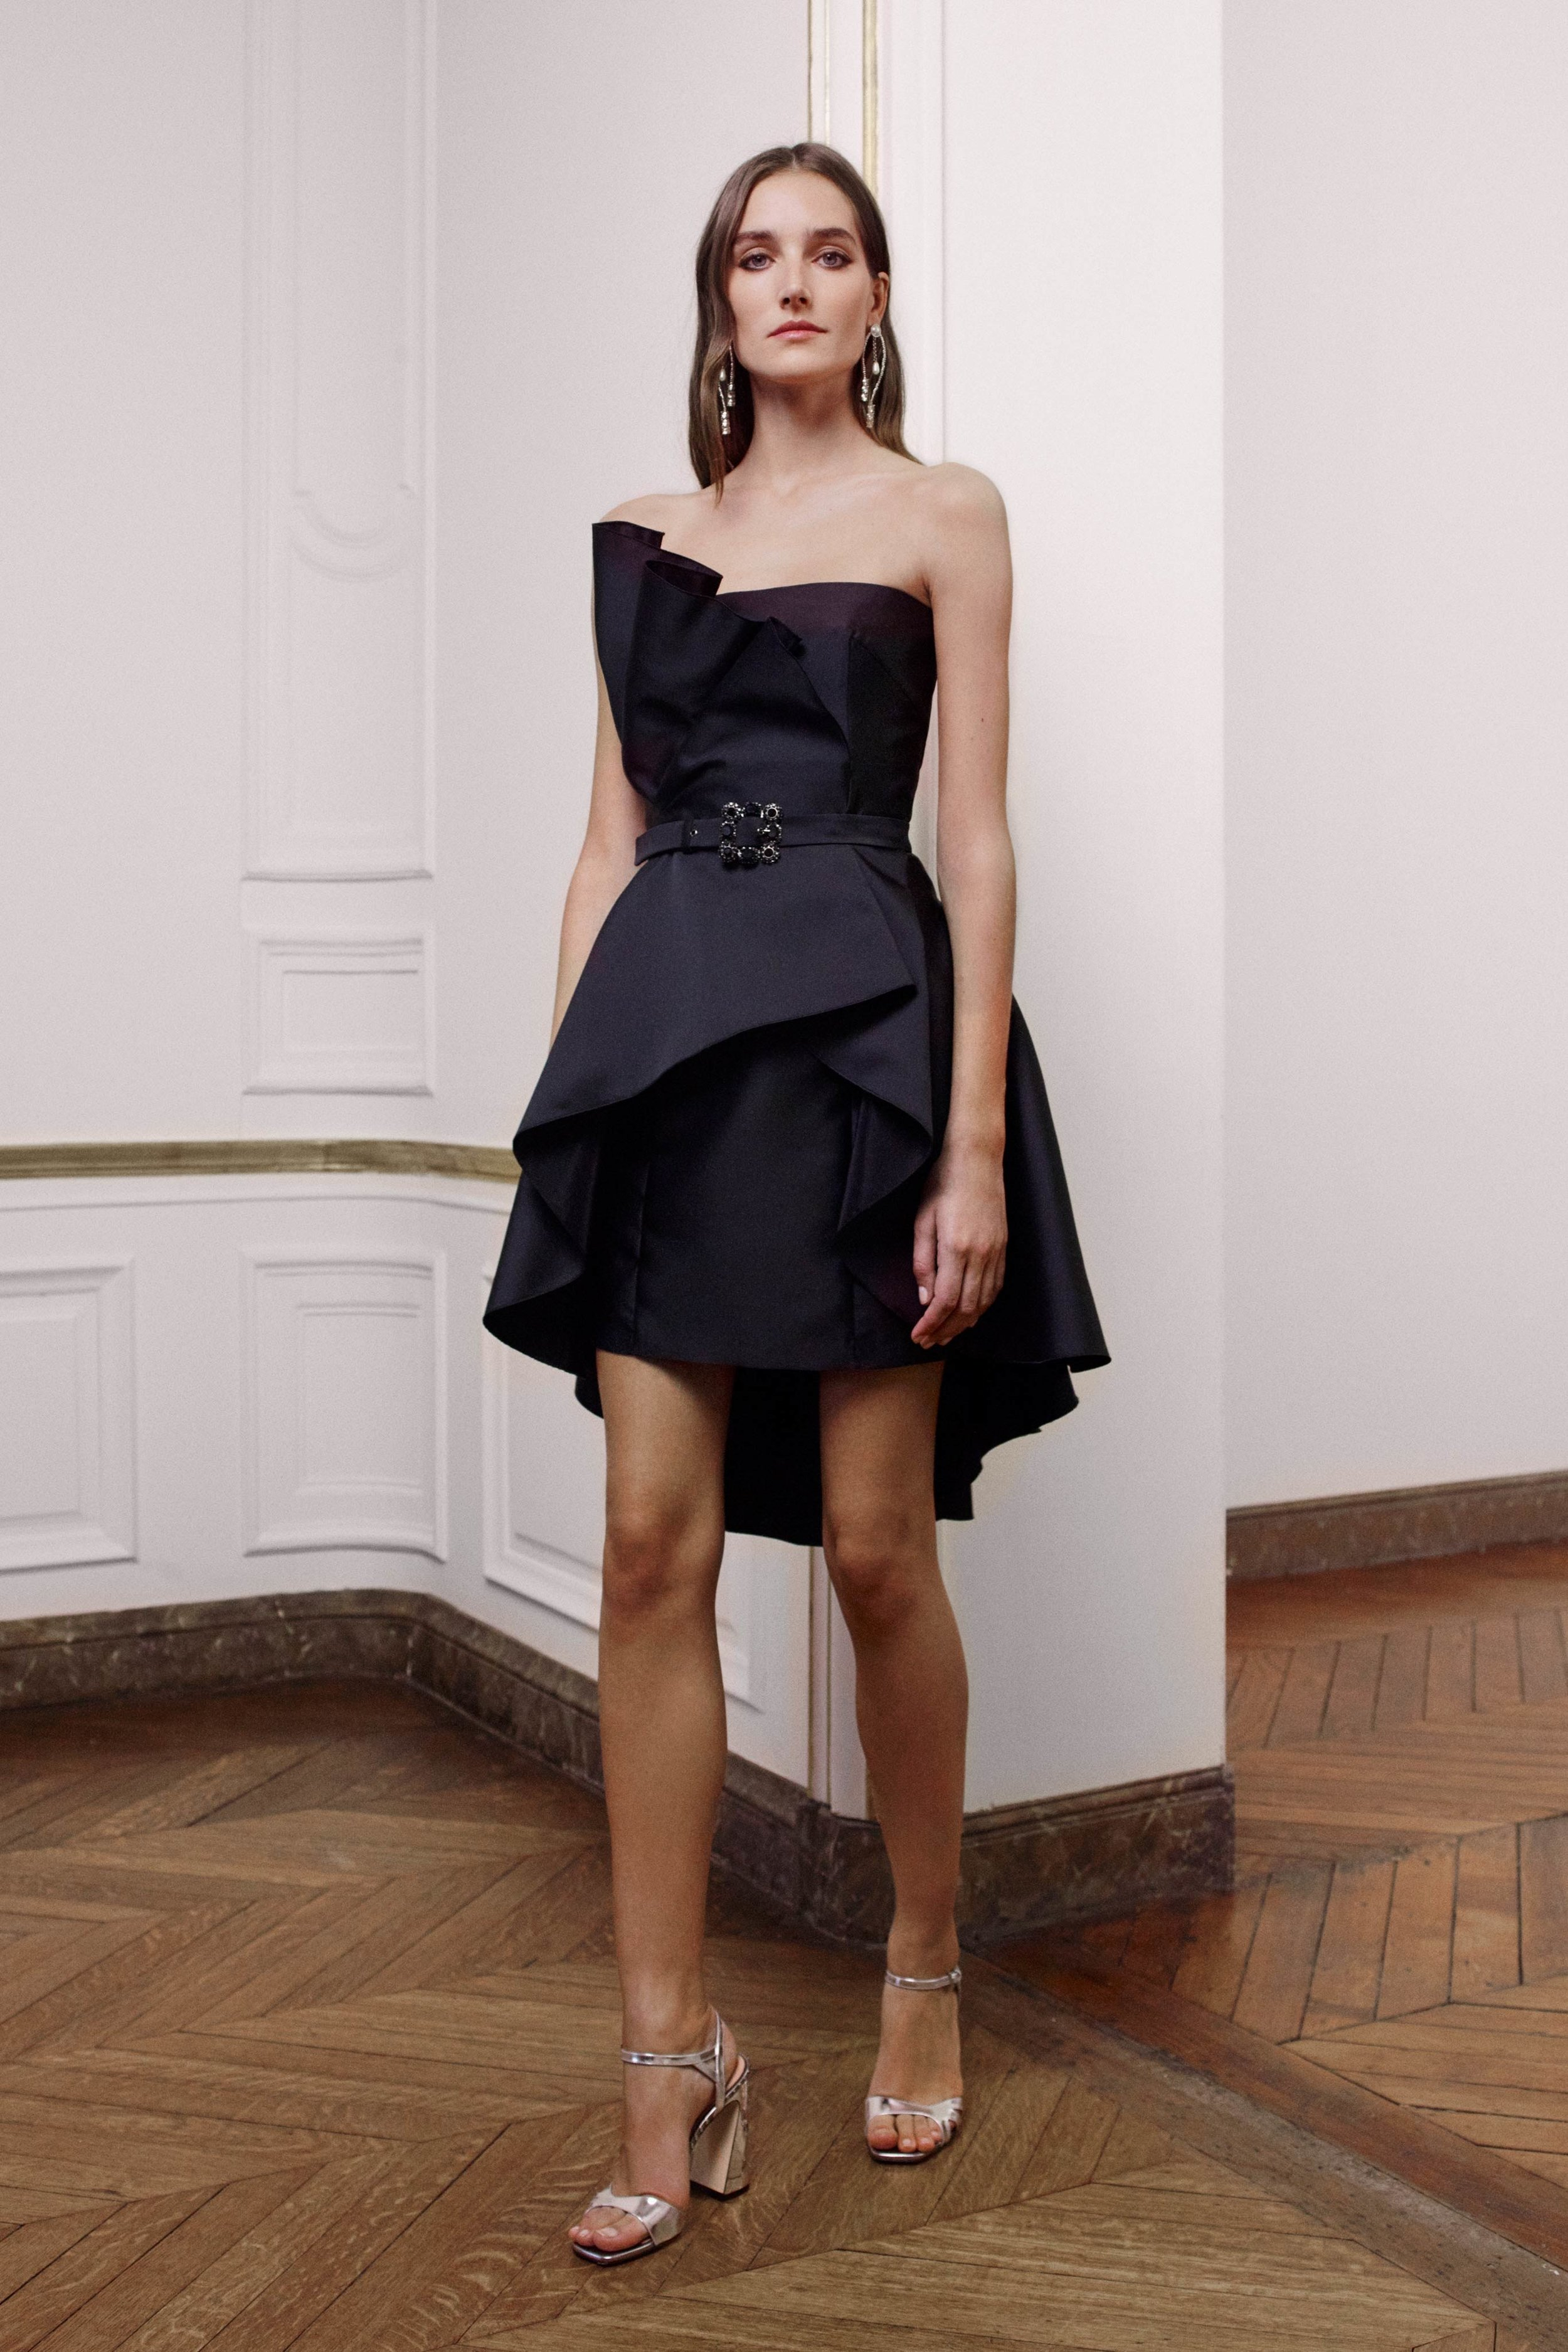 00011-alberta-ferreti-paris-couture-spring-19.jpg